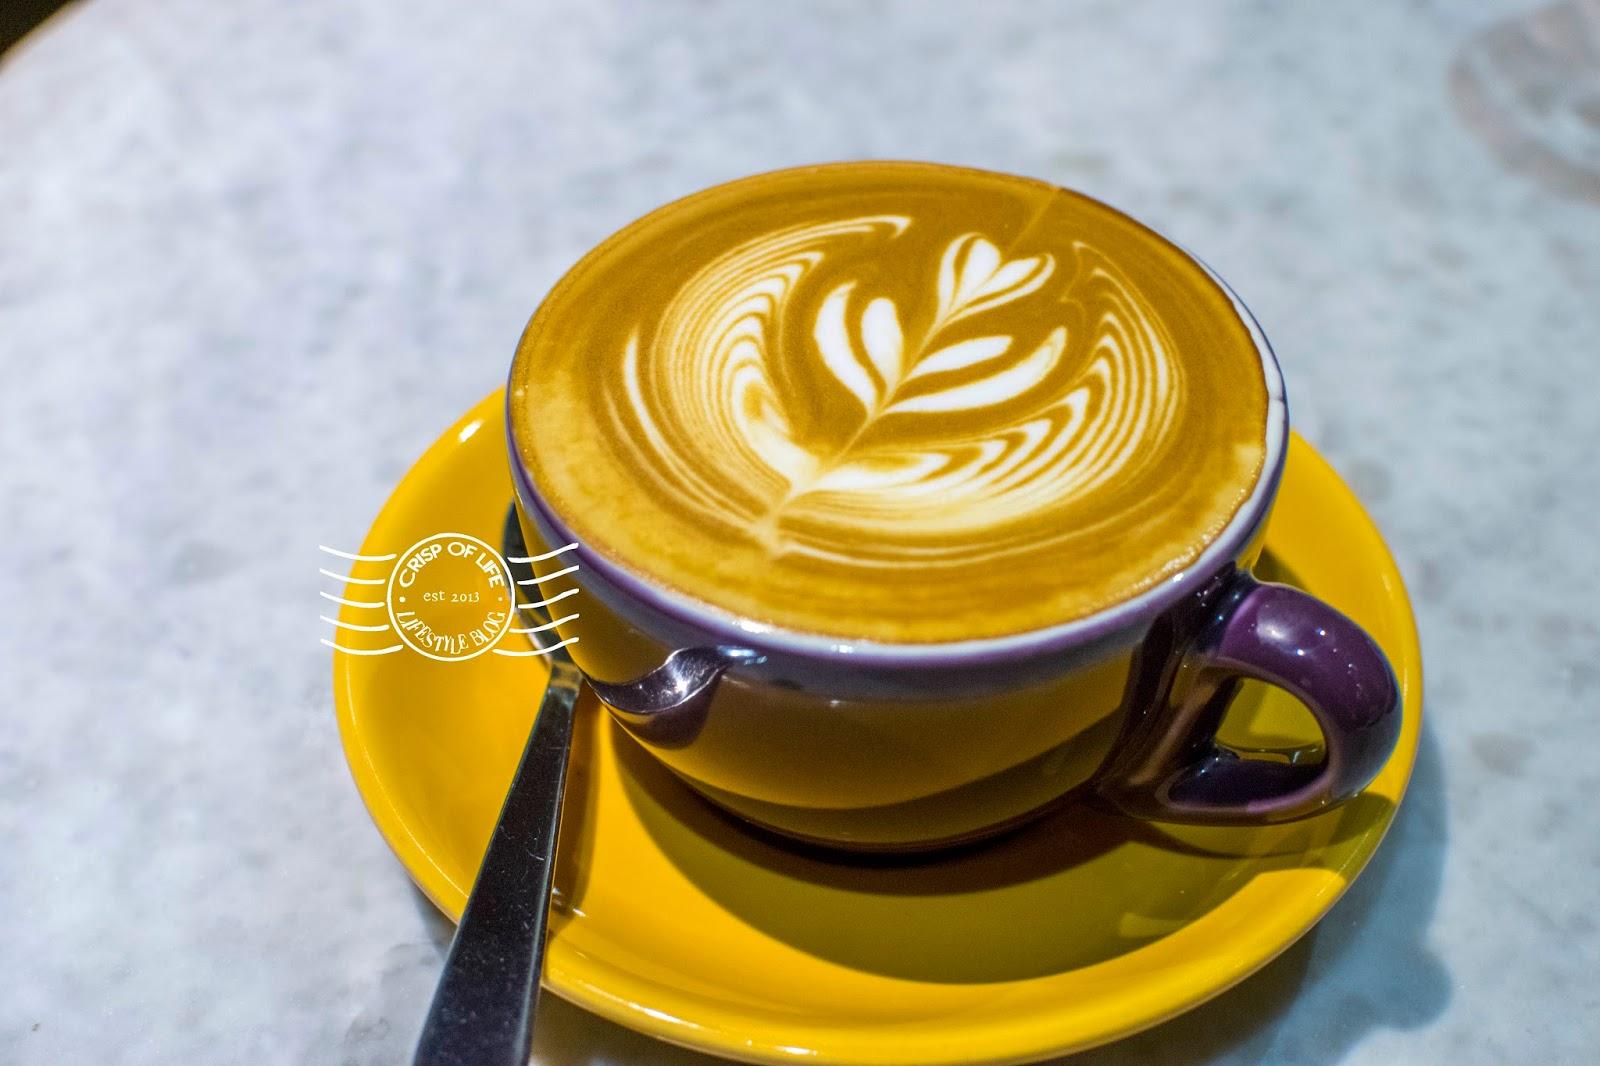 Caffe Diem Alor Setar